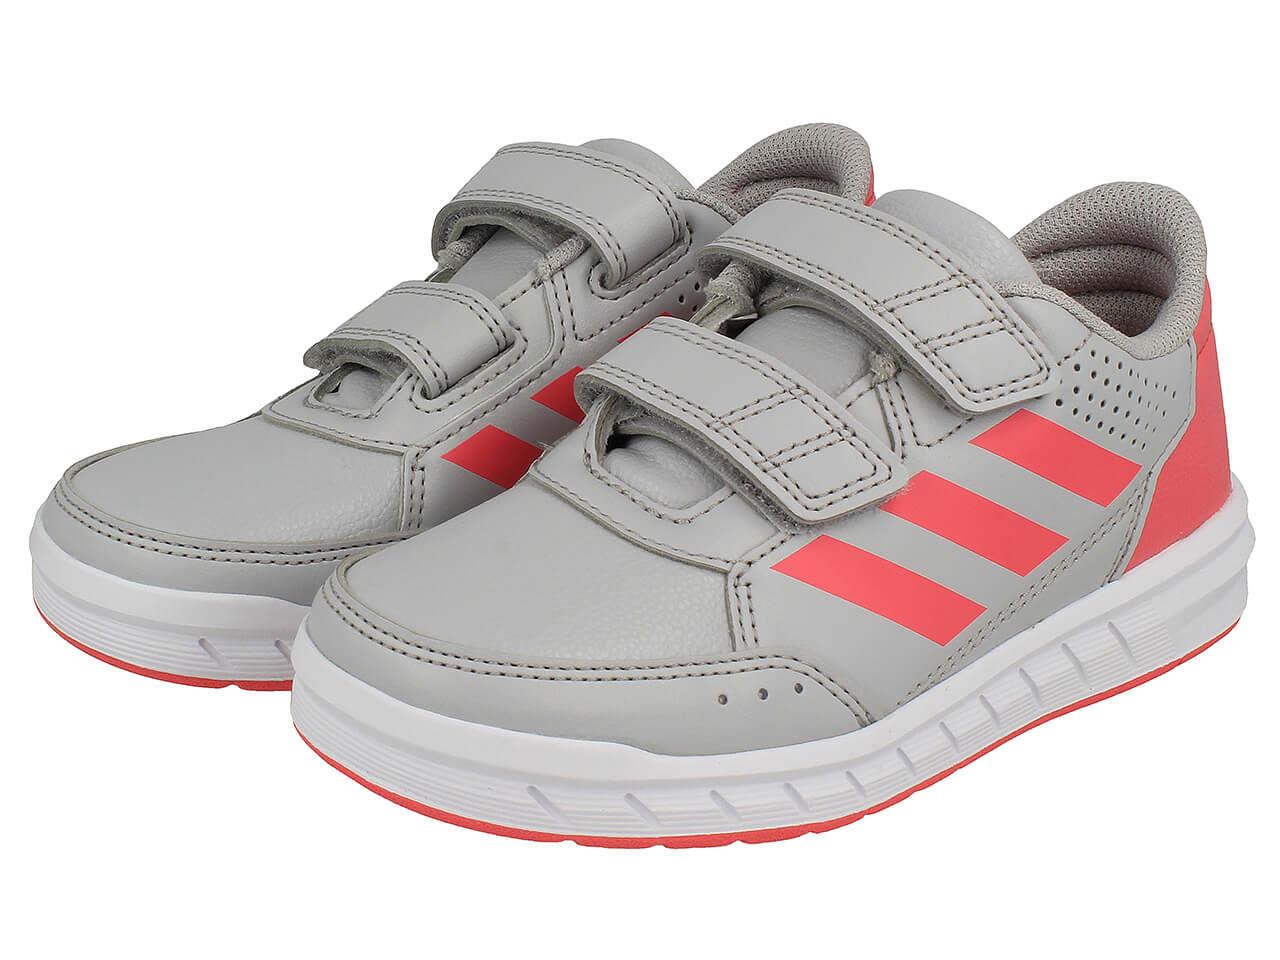 Buty adidas Altasport AC7647 # 29 7207392790 oficjalne